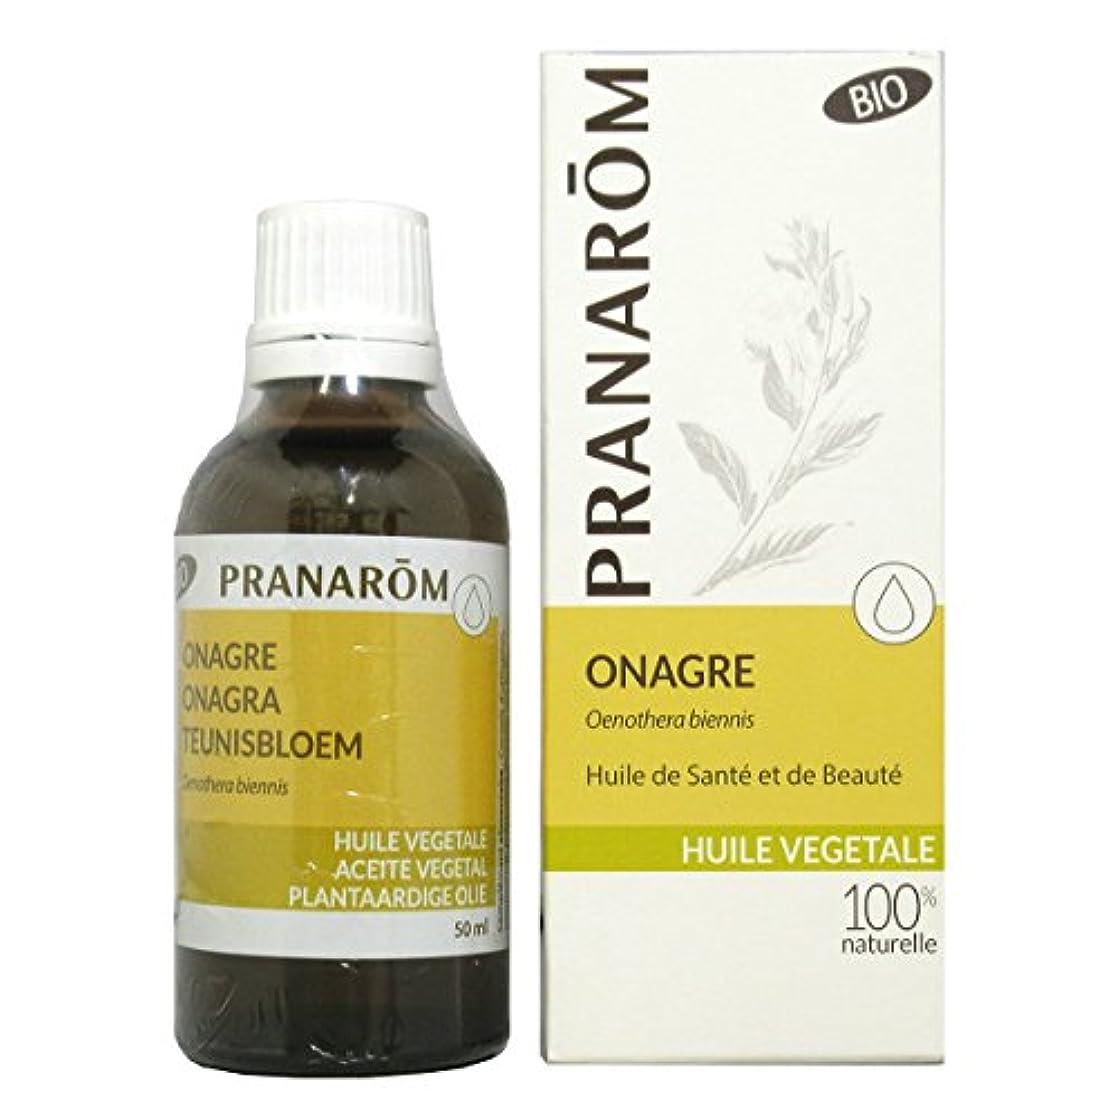 放射する仮定する過剰プラナロム イブニングプリムローズオイル 50ml (PRANAROM 植物油)